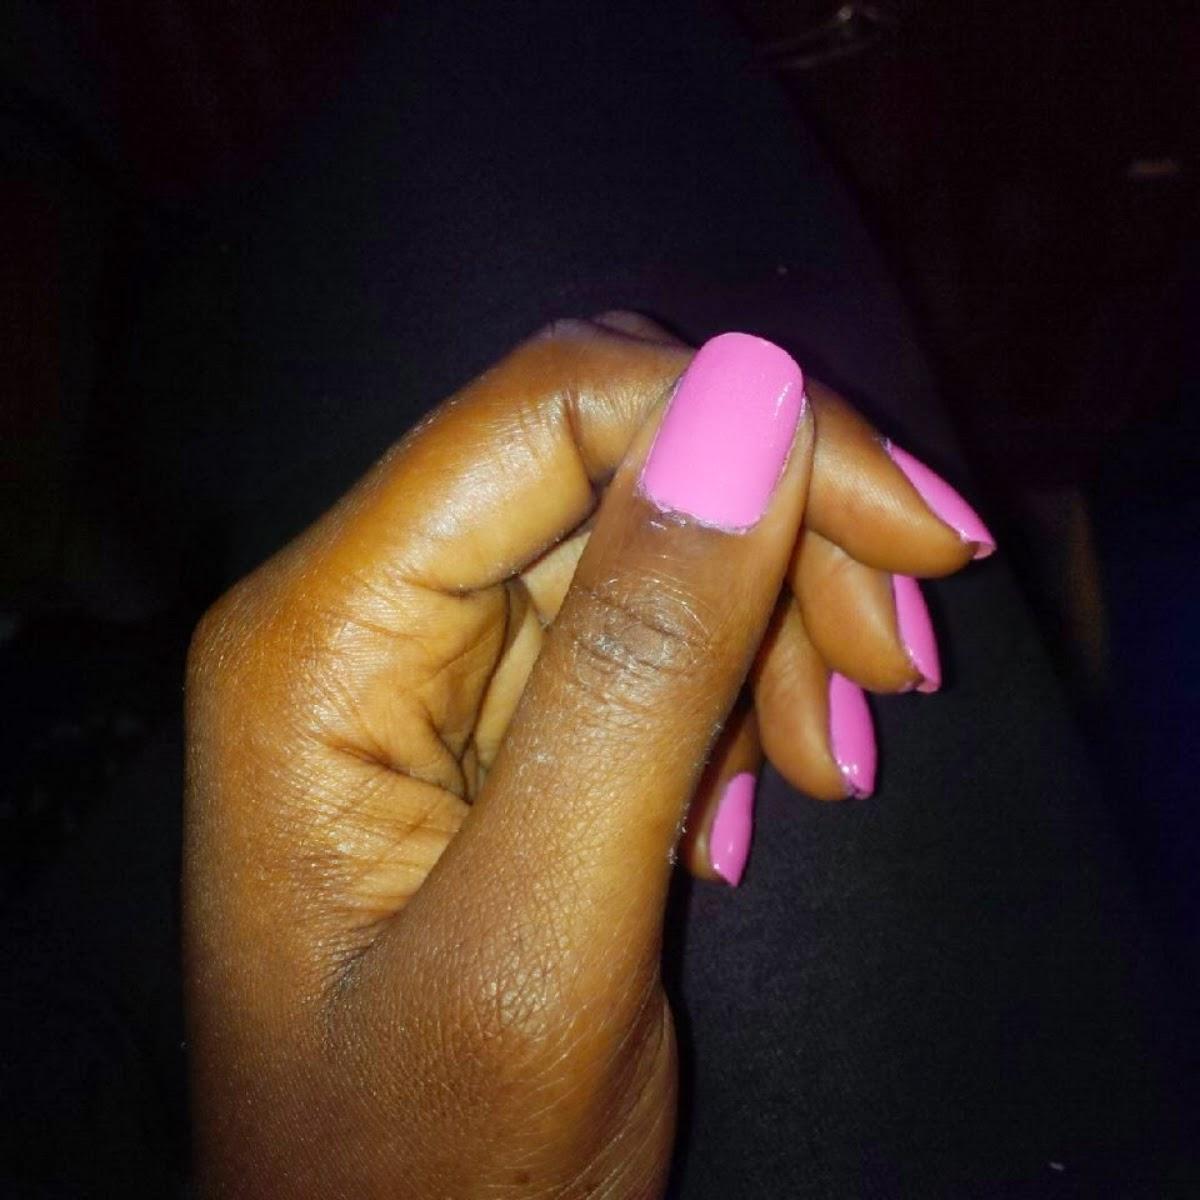 White Toes Nail Polish Nail Polish on my Toes